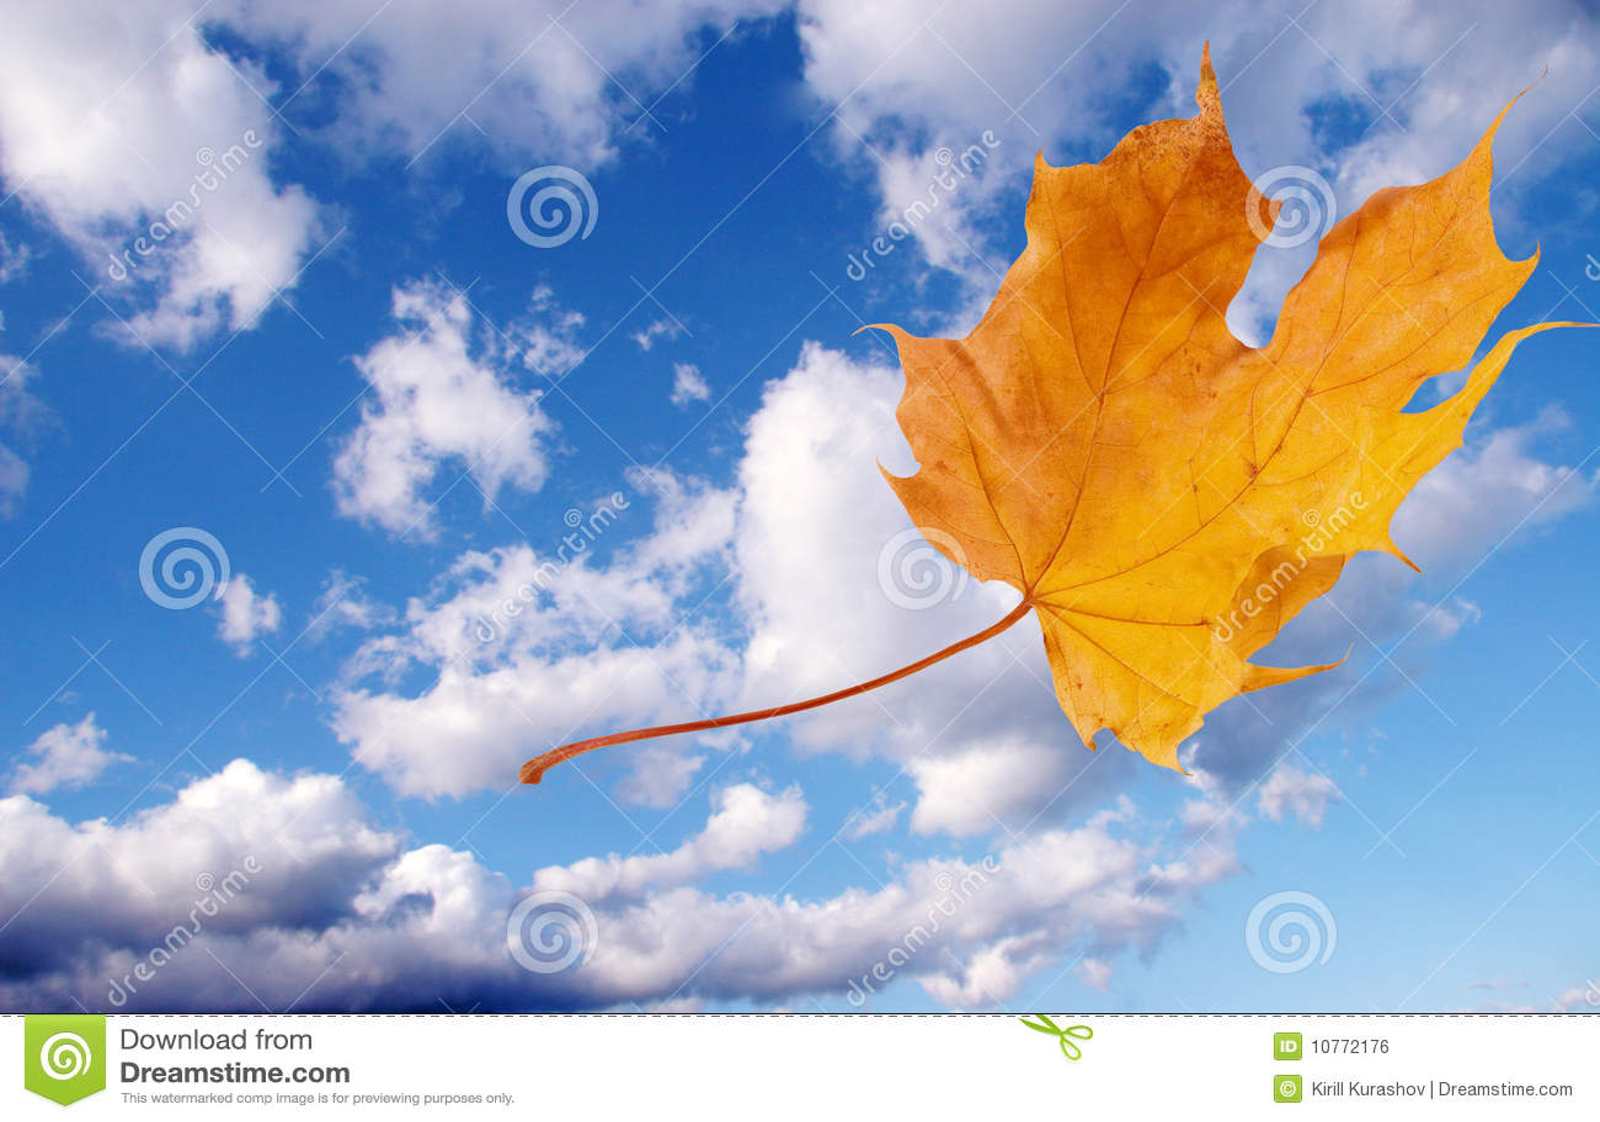 Flying Autumn Maple Leaf Stock Photo Image Of Nature 10772176